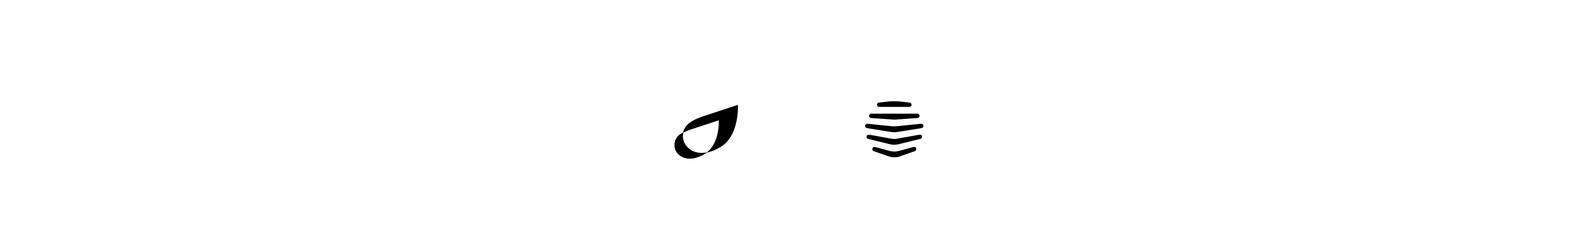 Nucleus logo icons